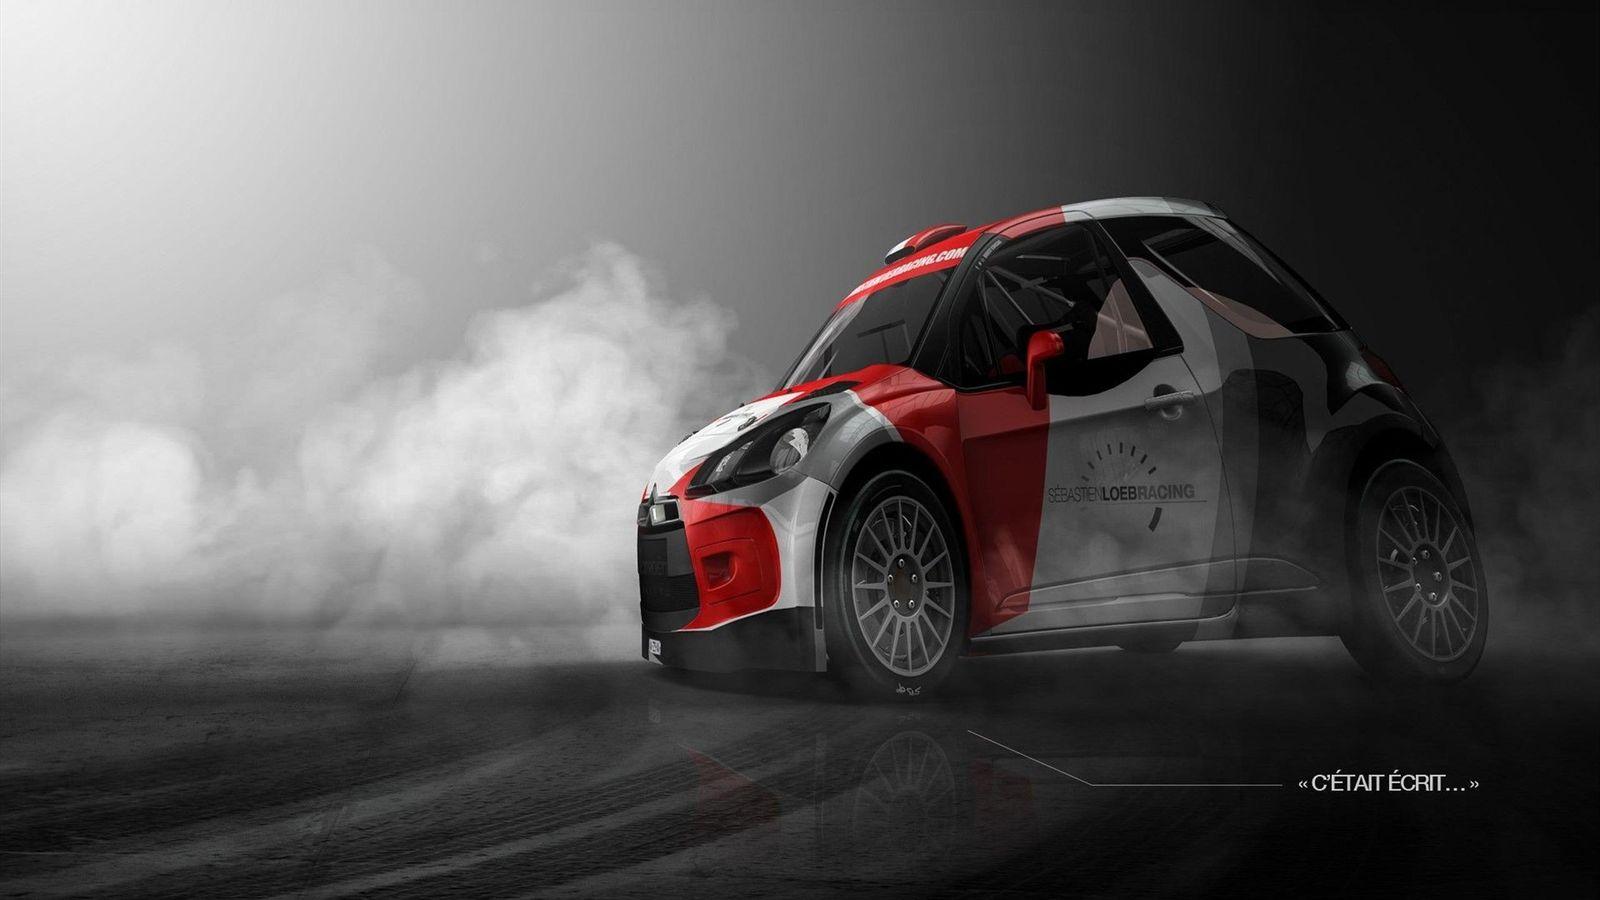 [INFORMATION] Le Sébastien Loeb Racing 1757634-37150846-2560-1440